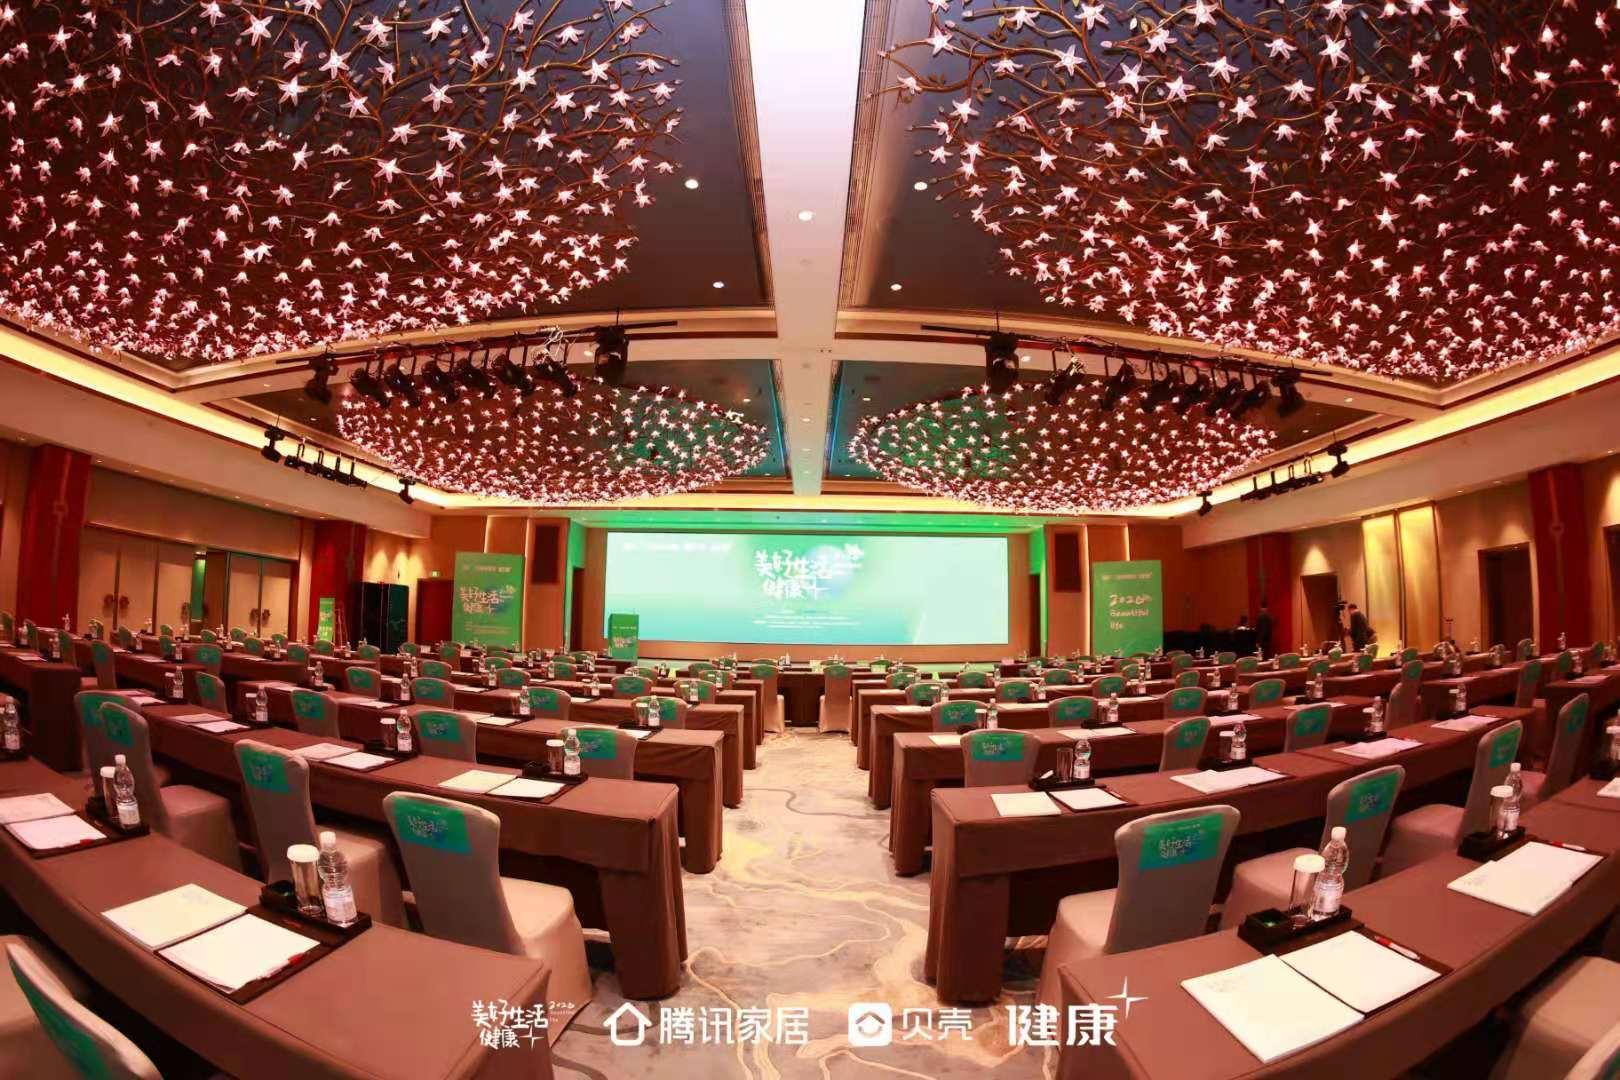 福臨門世家受邀參加美好生活健康+高峰論壇暨2021